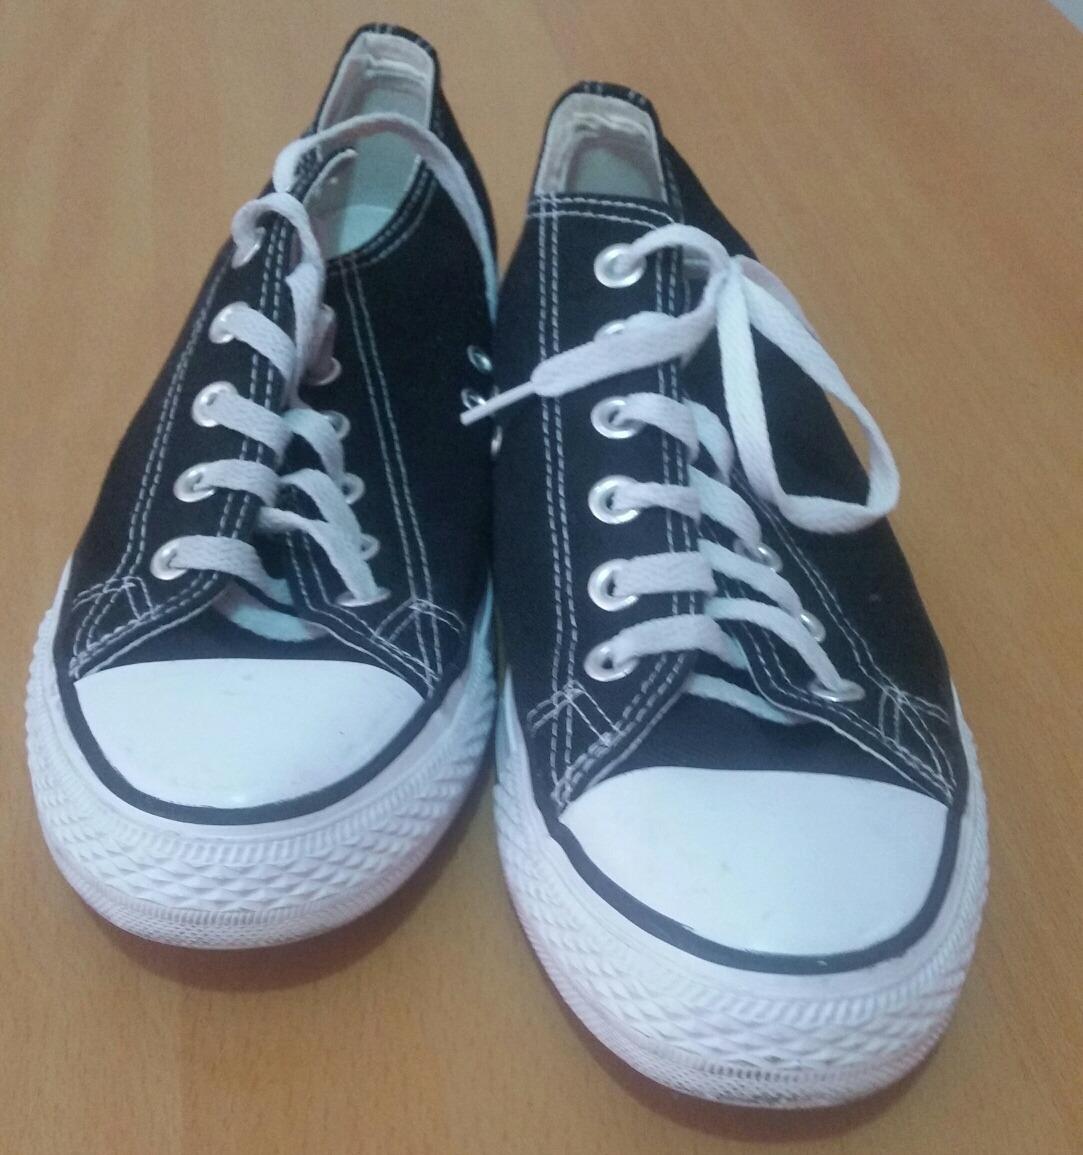 Libre 000 40 Converse Mercado Talla 00 Zapatos Bs 7n0qhfywz 13 En Usados cU1HcWnq7